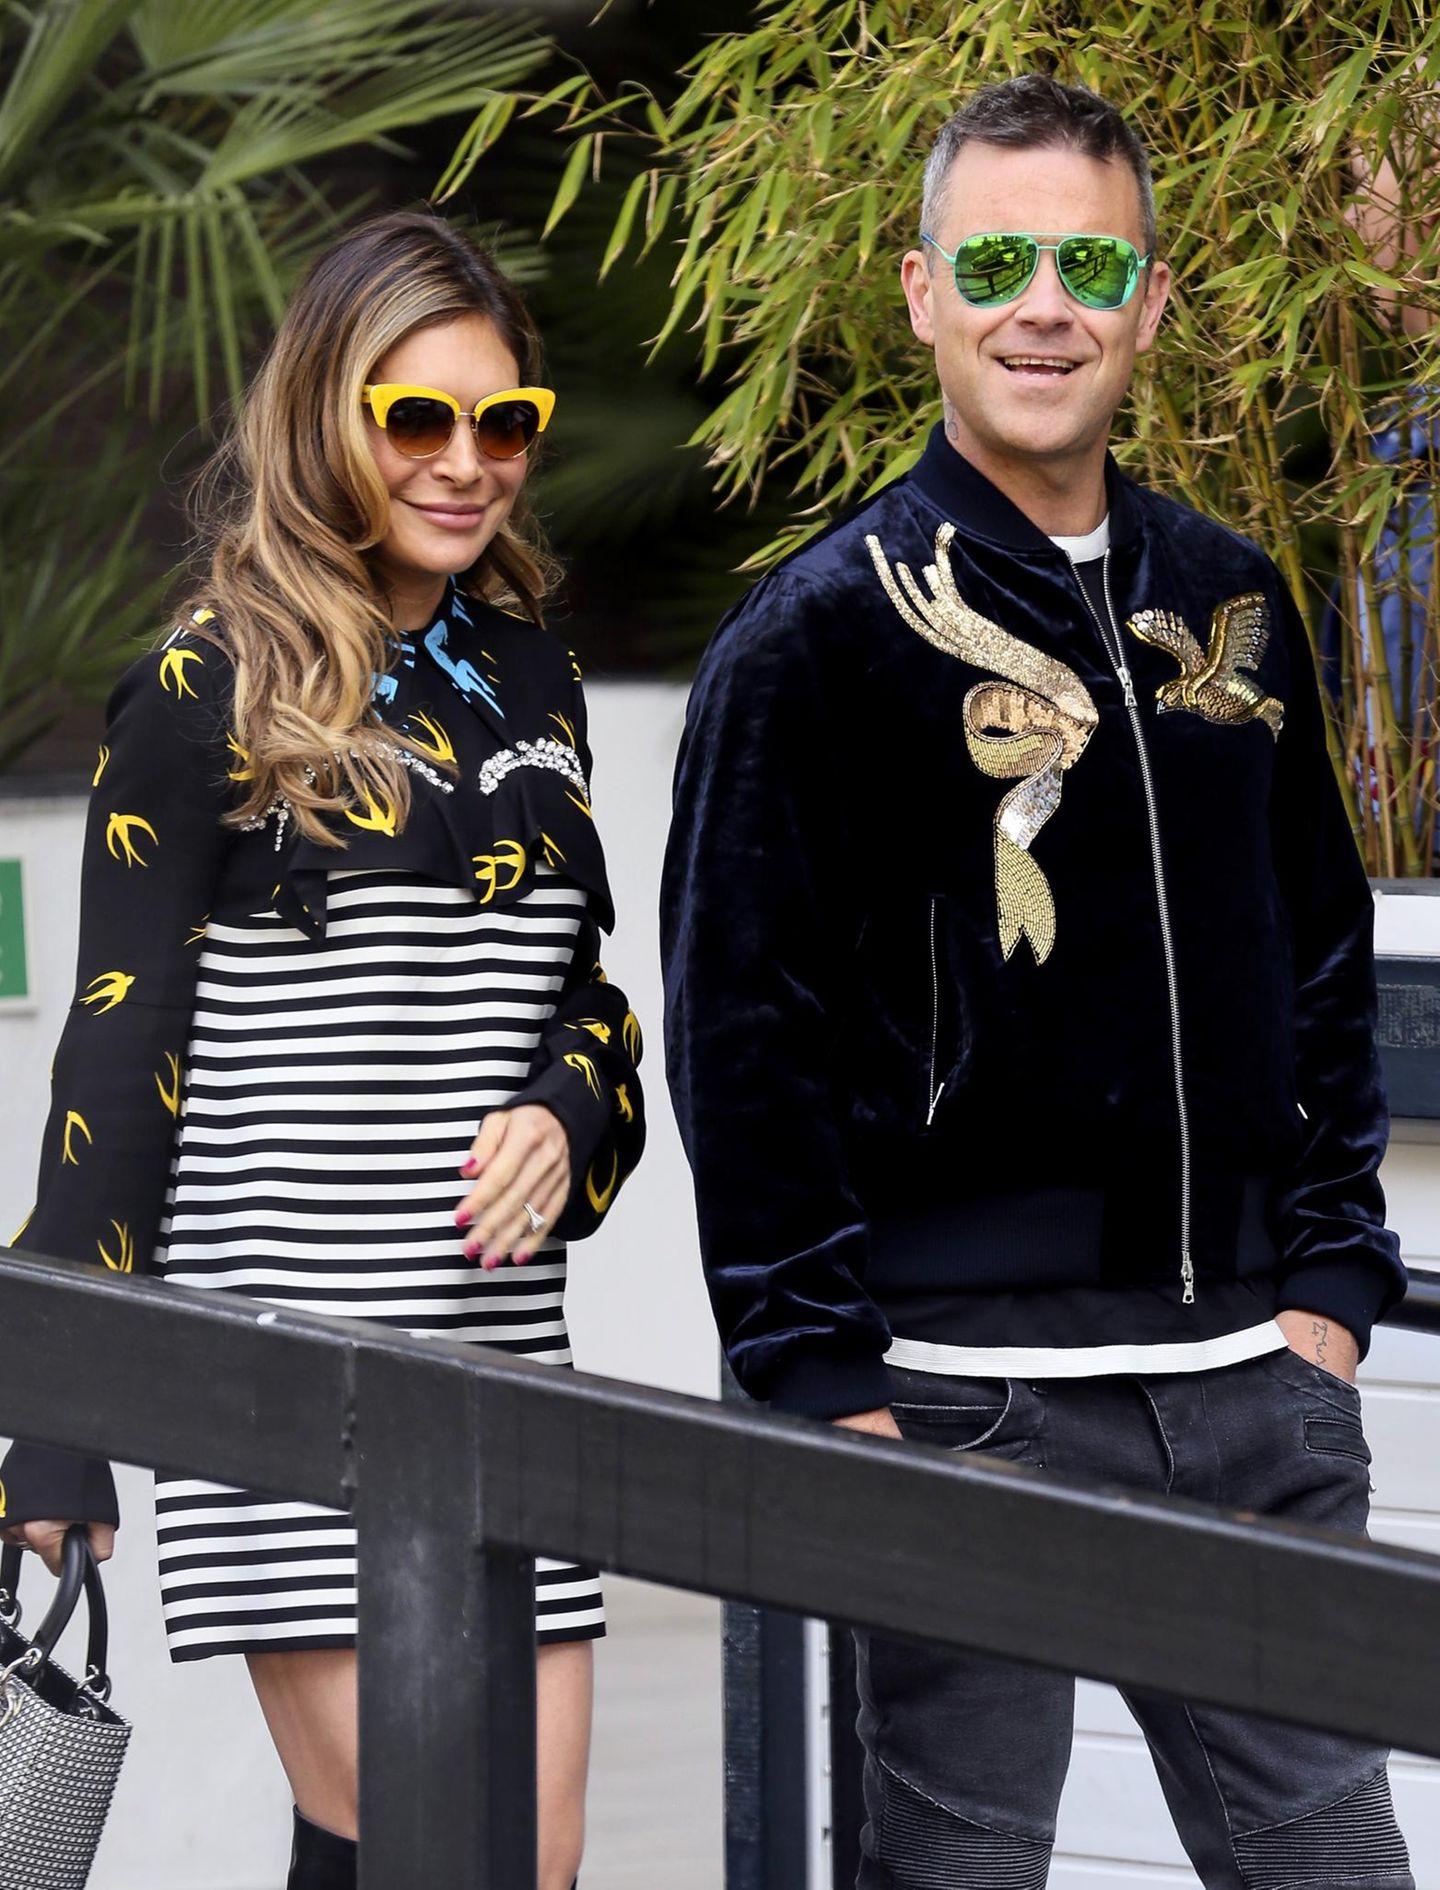 April 2016  Ayda Field und Robbie Williams verlassen mit poppigen Sonnenbrillen und Vogel-Outfits die ITV Studios in London.